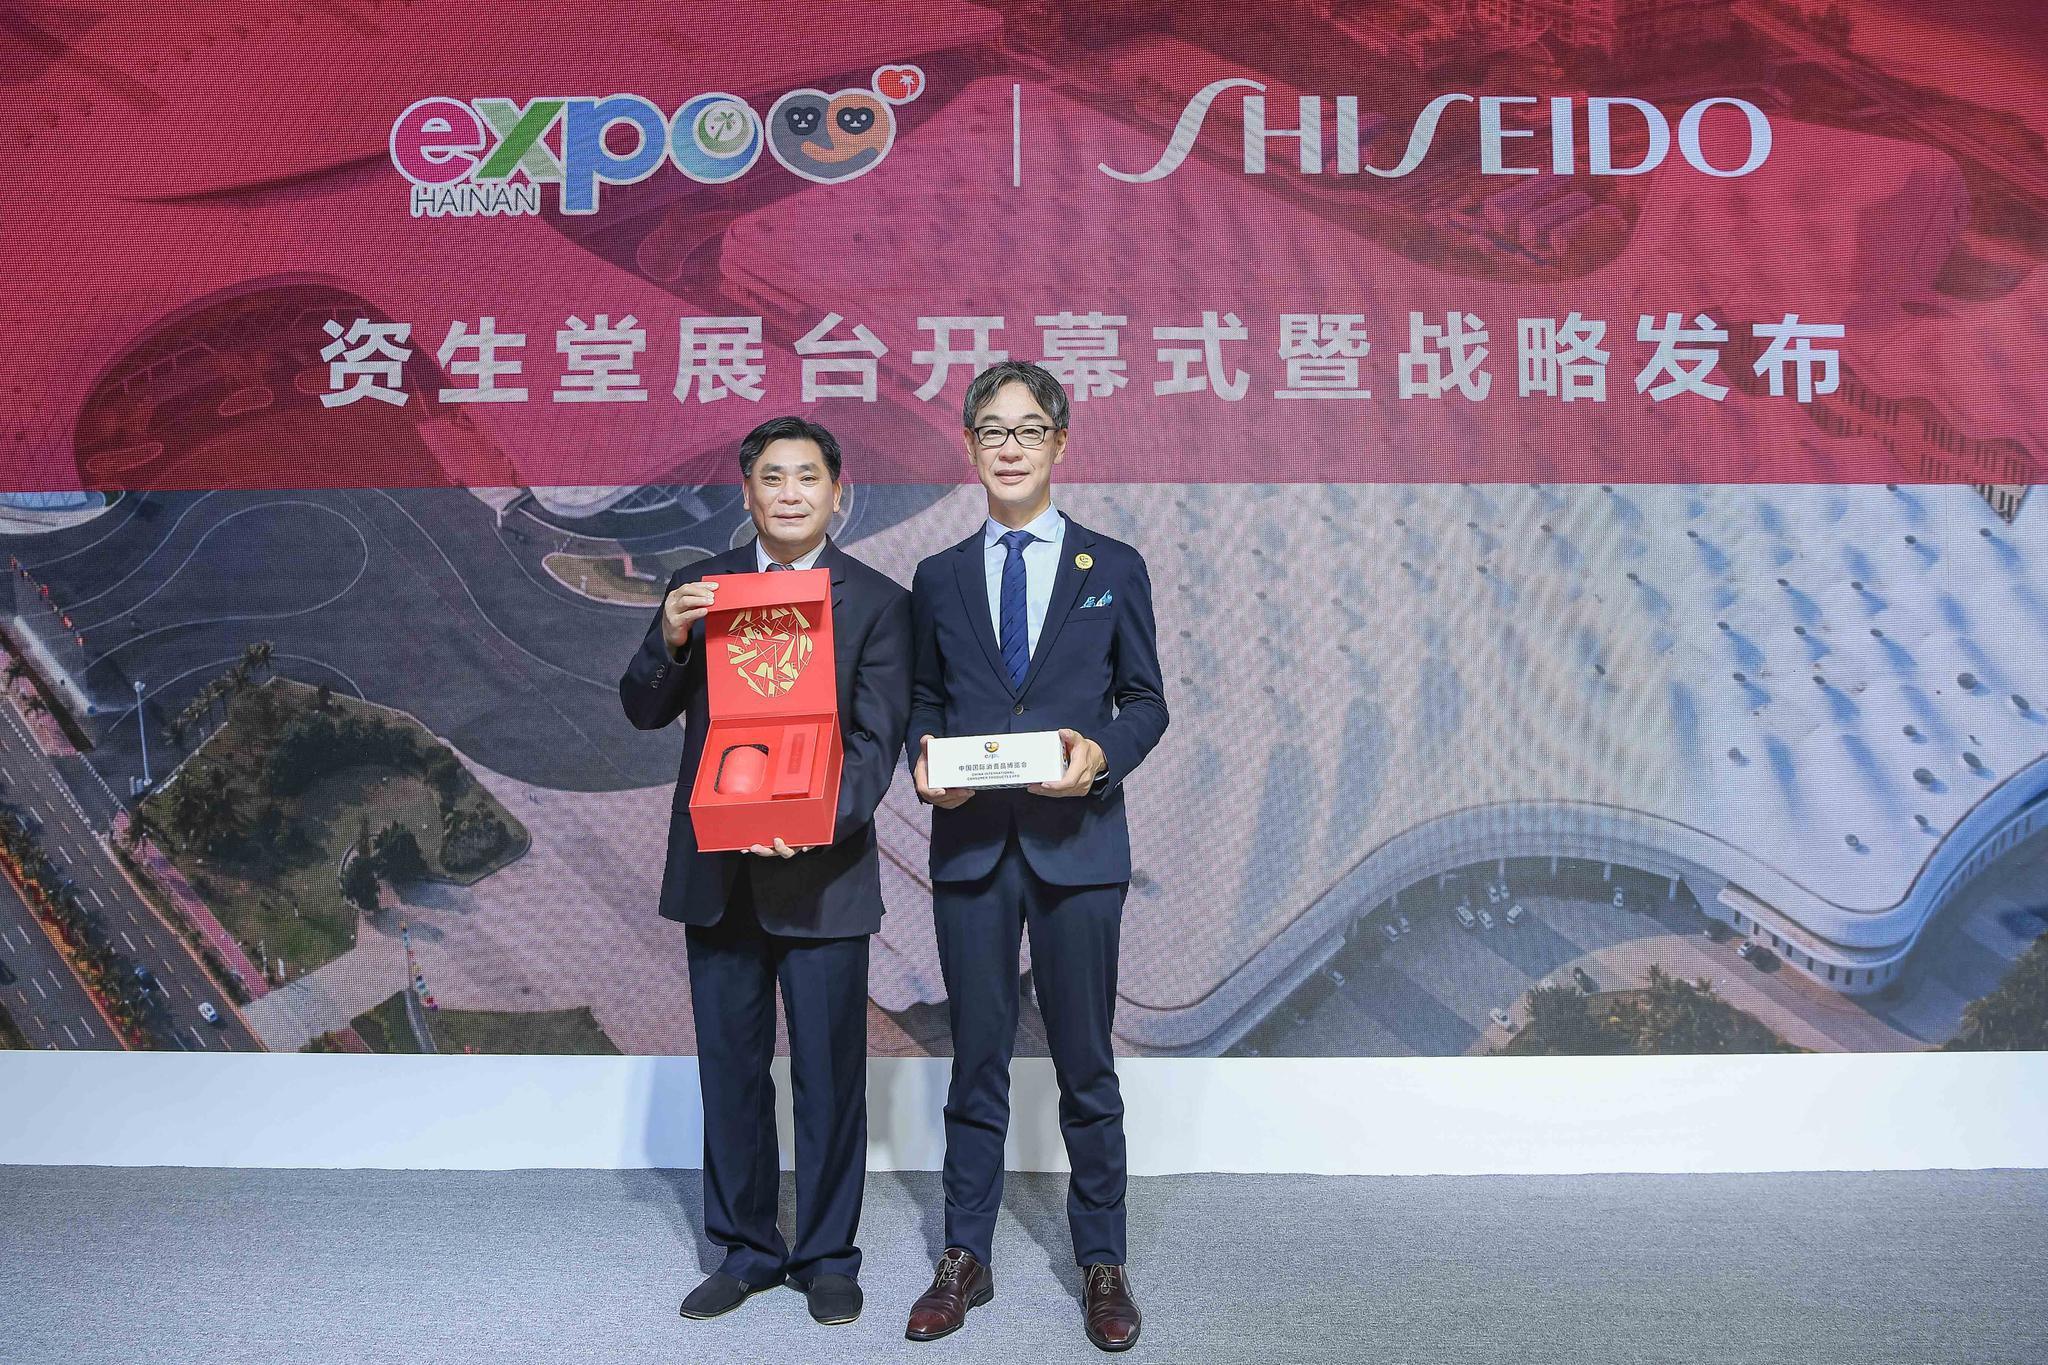 资生堂中国总裁:海南适合介绍新品牌,要做好细分人群服务